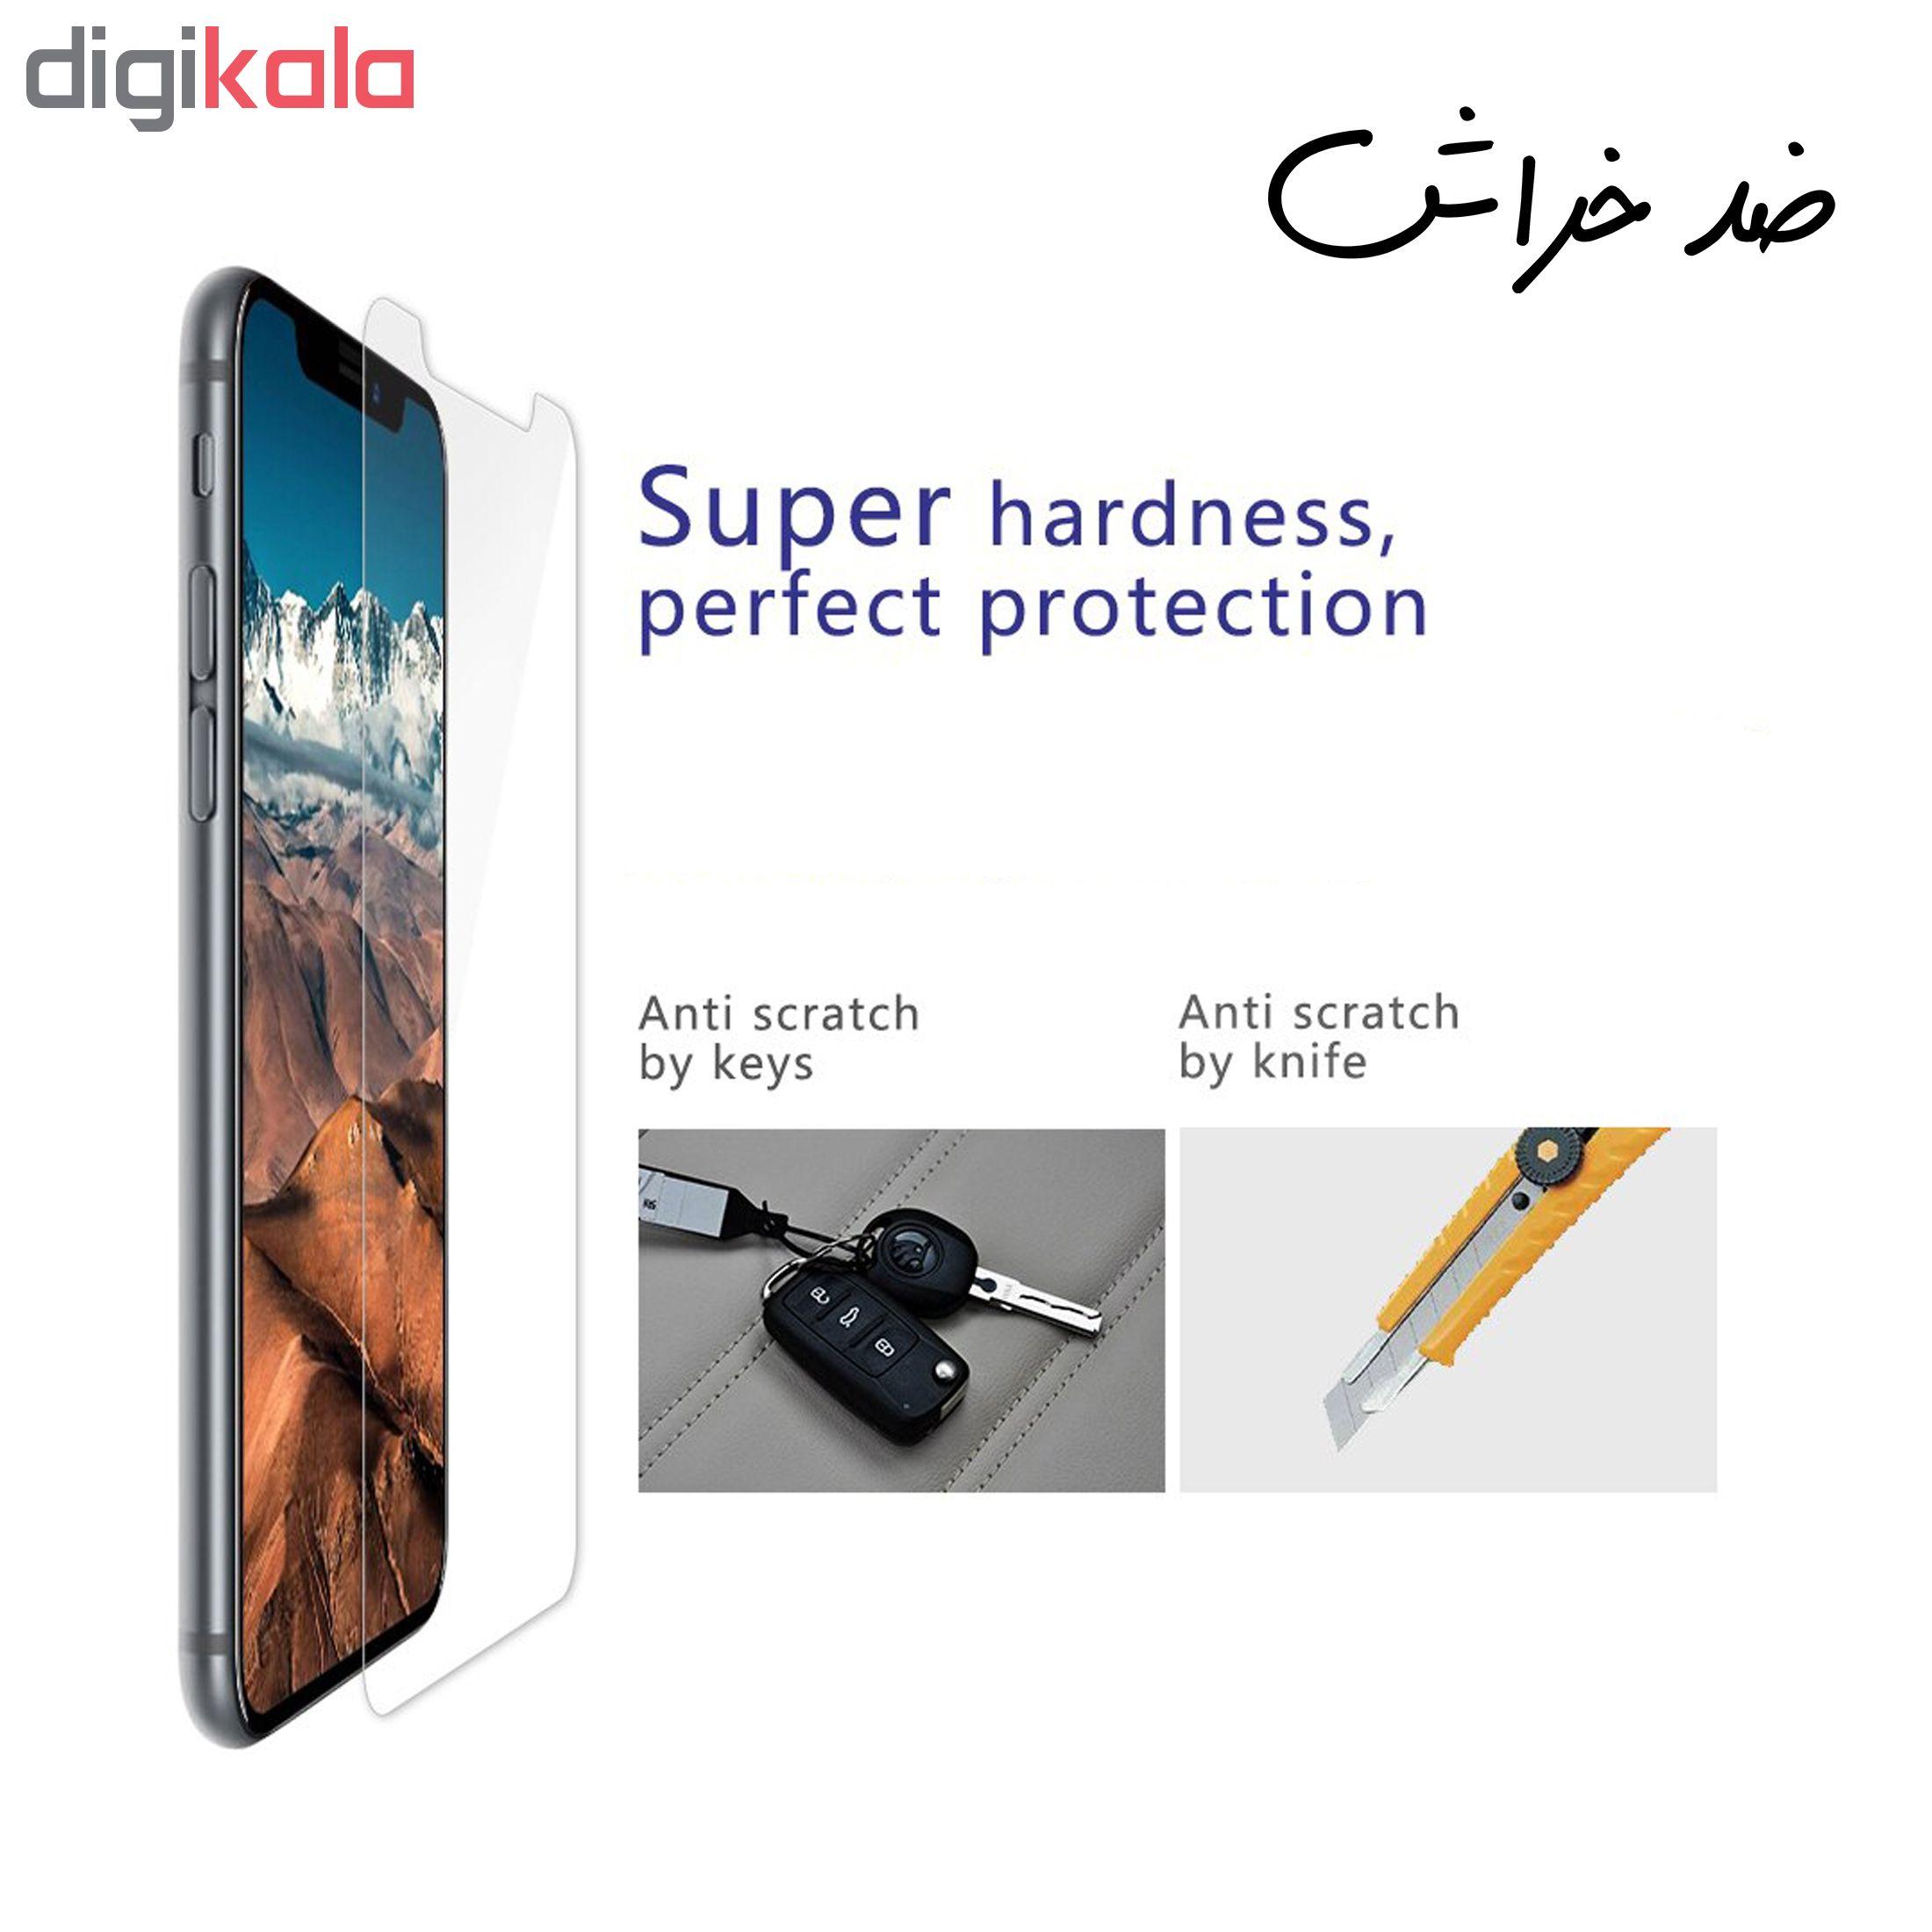 محافظ صفحه نمایش مات Hard and Thick  مدل F-01 مناسب برای گوشی موبایل اپل Iphone 11 pro  main 1 4